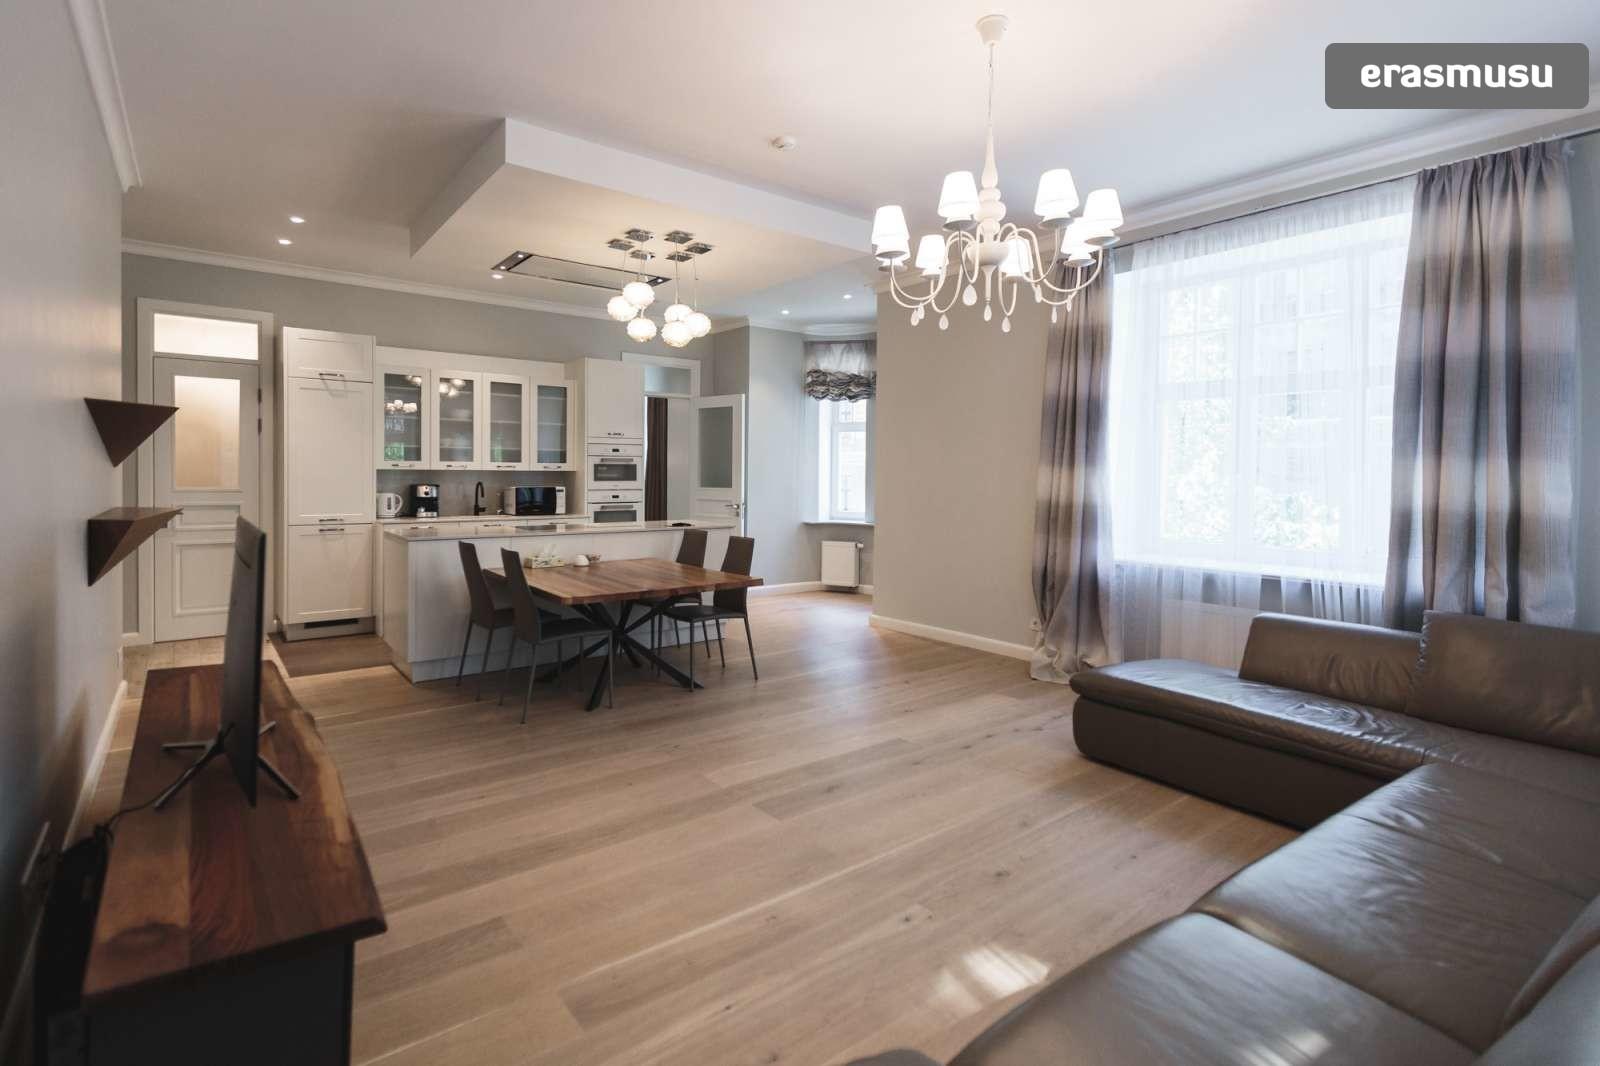 elegant-1-bedroom-apartment-rent-centrs-310f827b69d2910873a7b98e